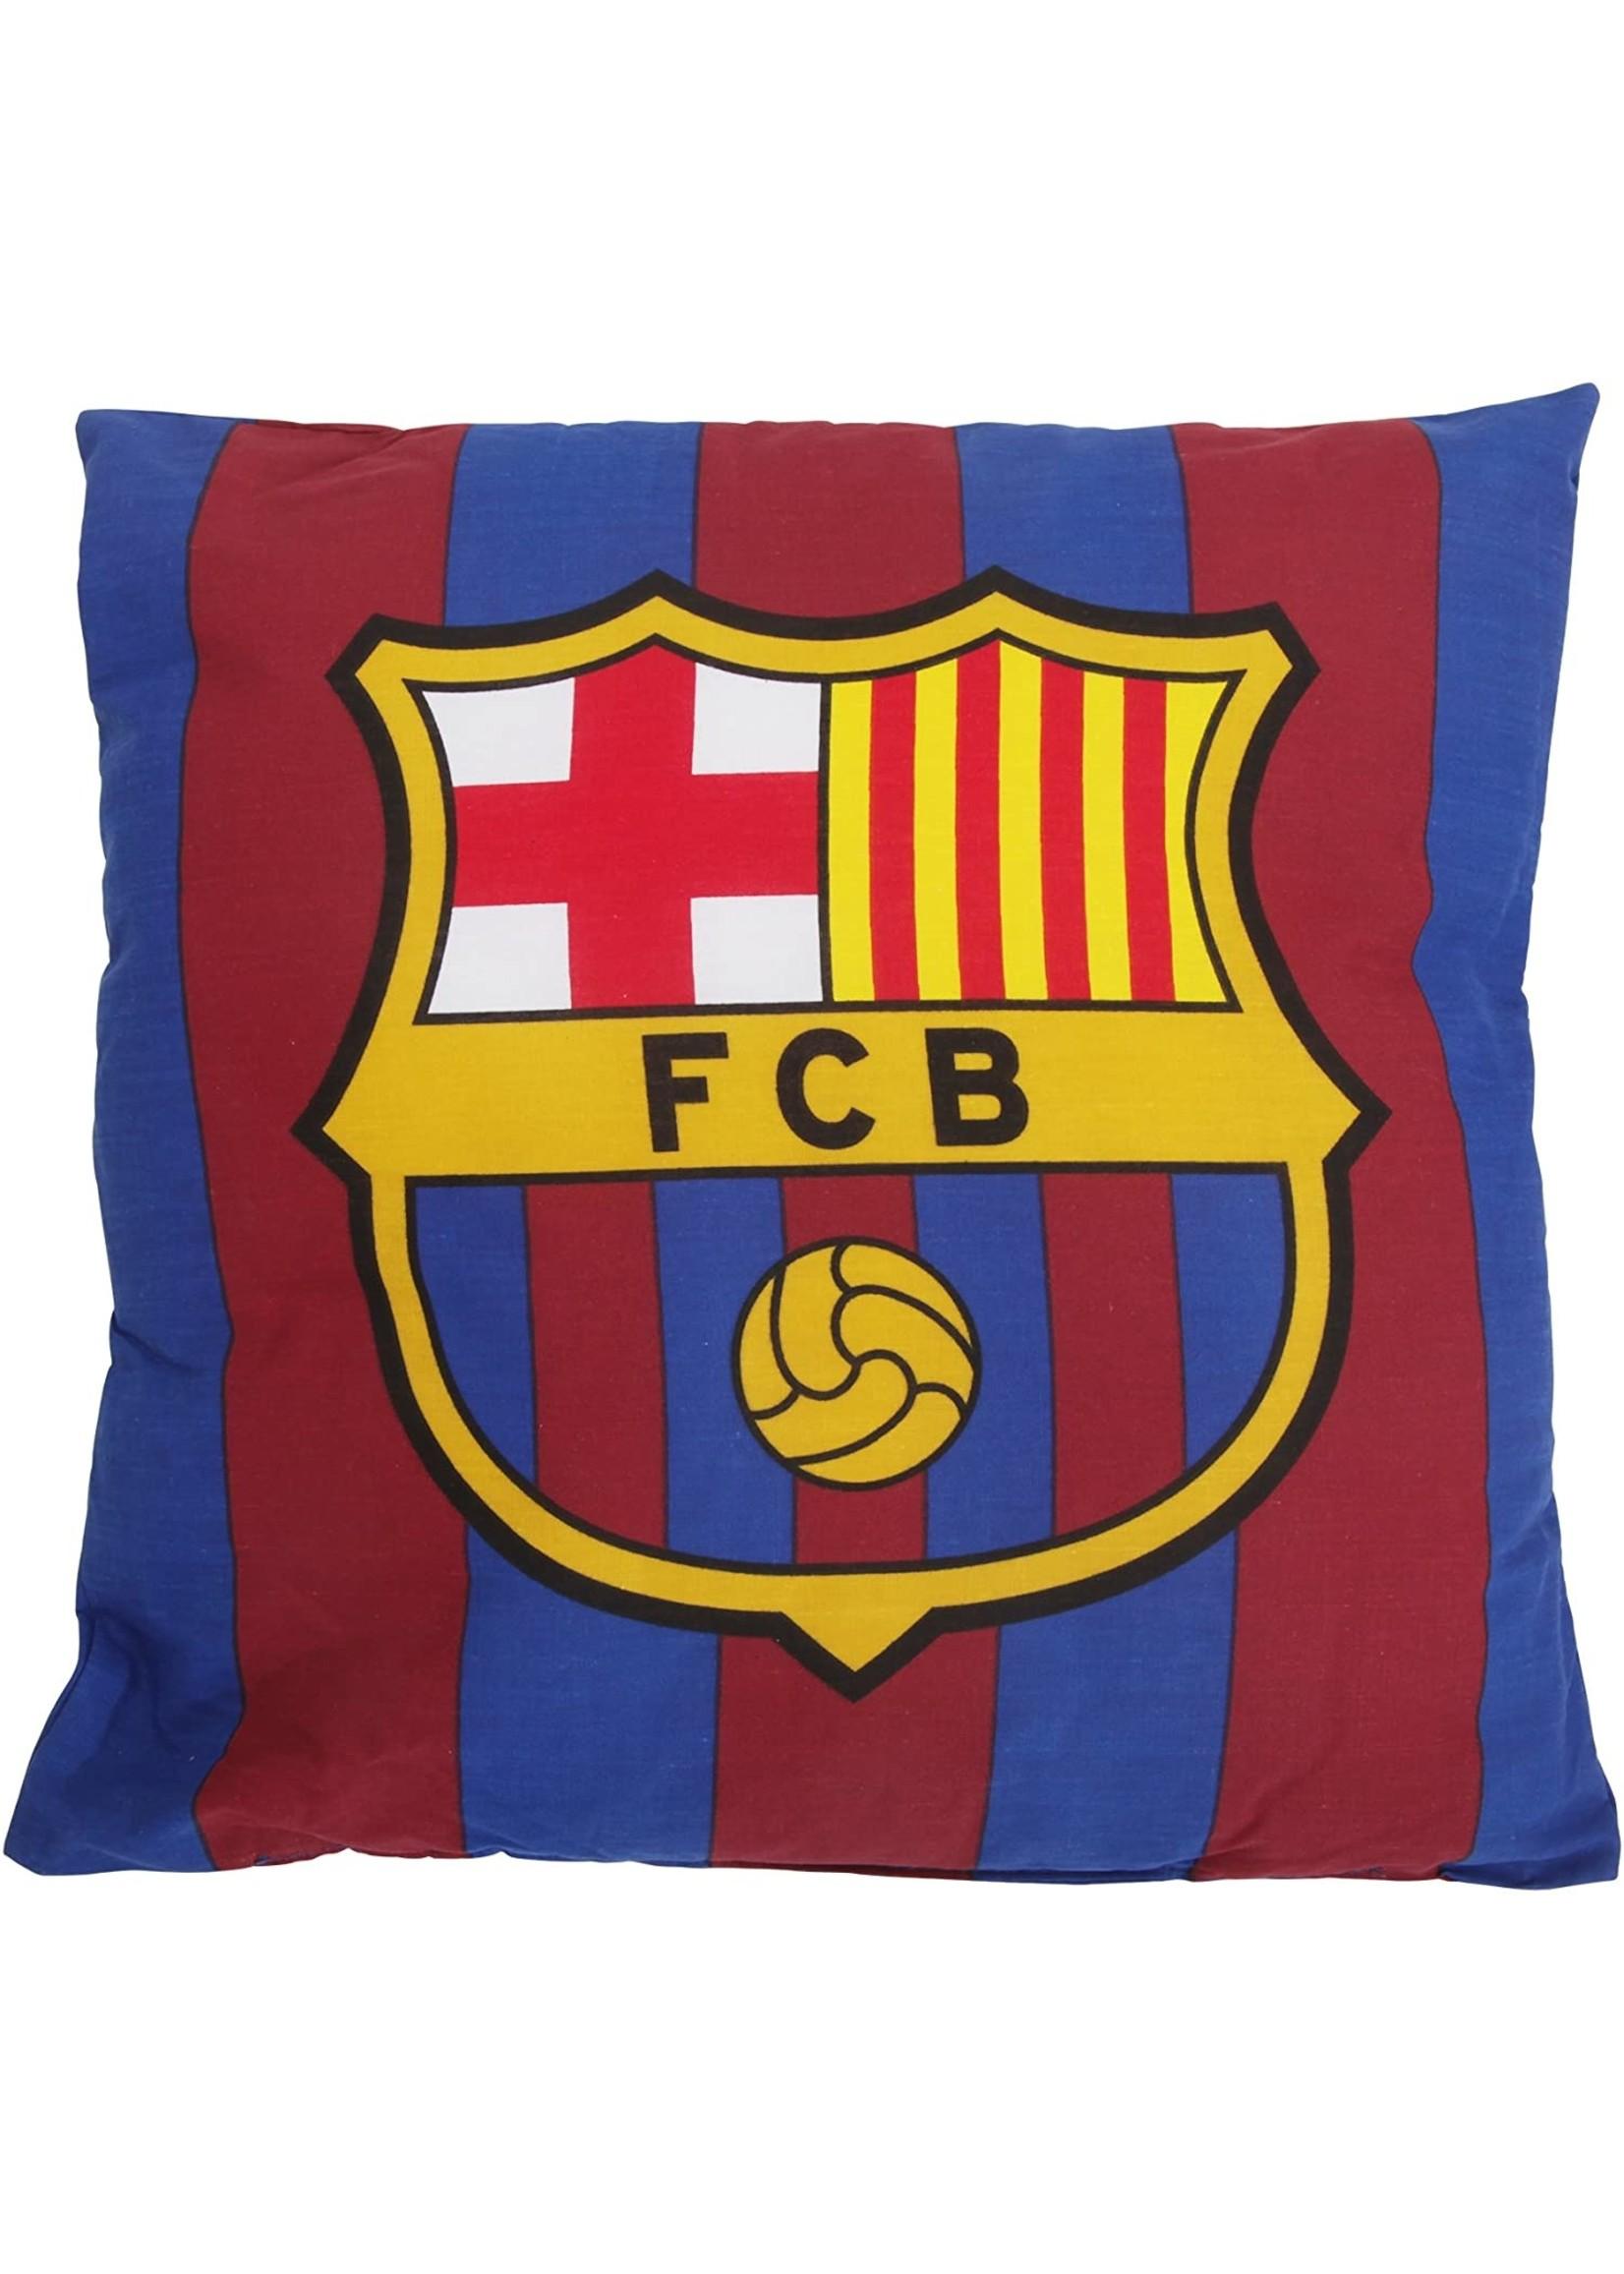 FC Barcelona Cushion